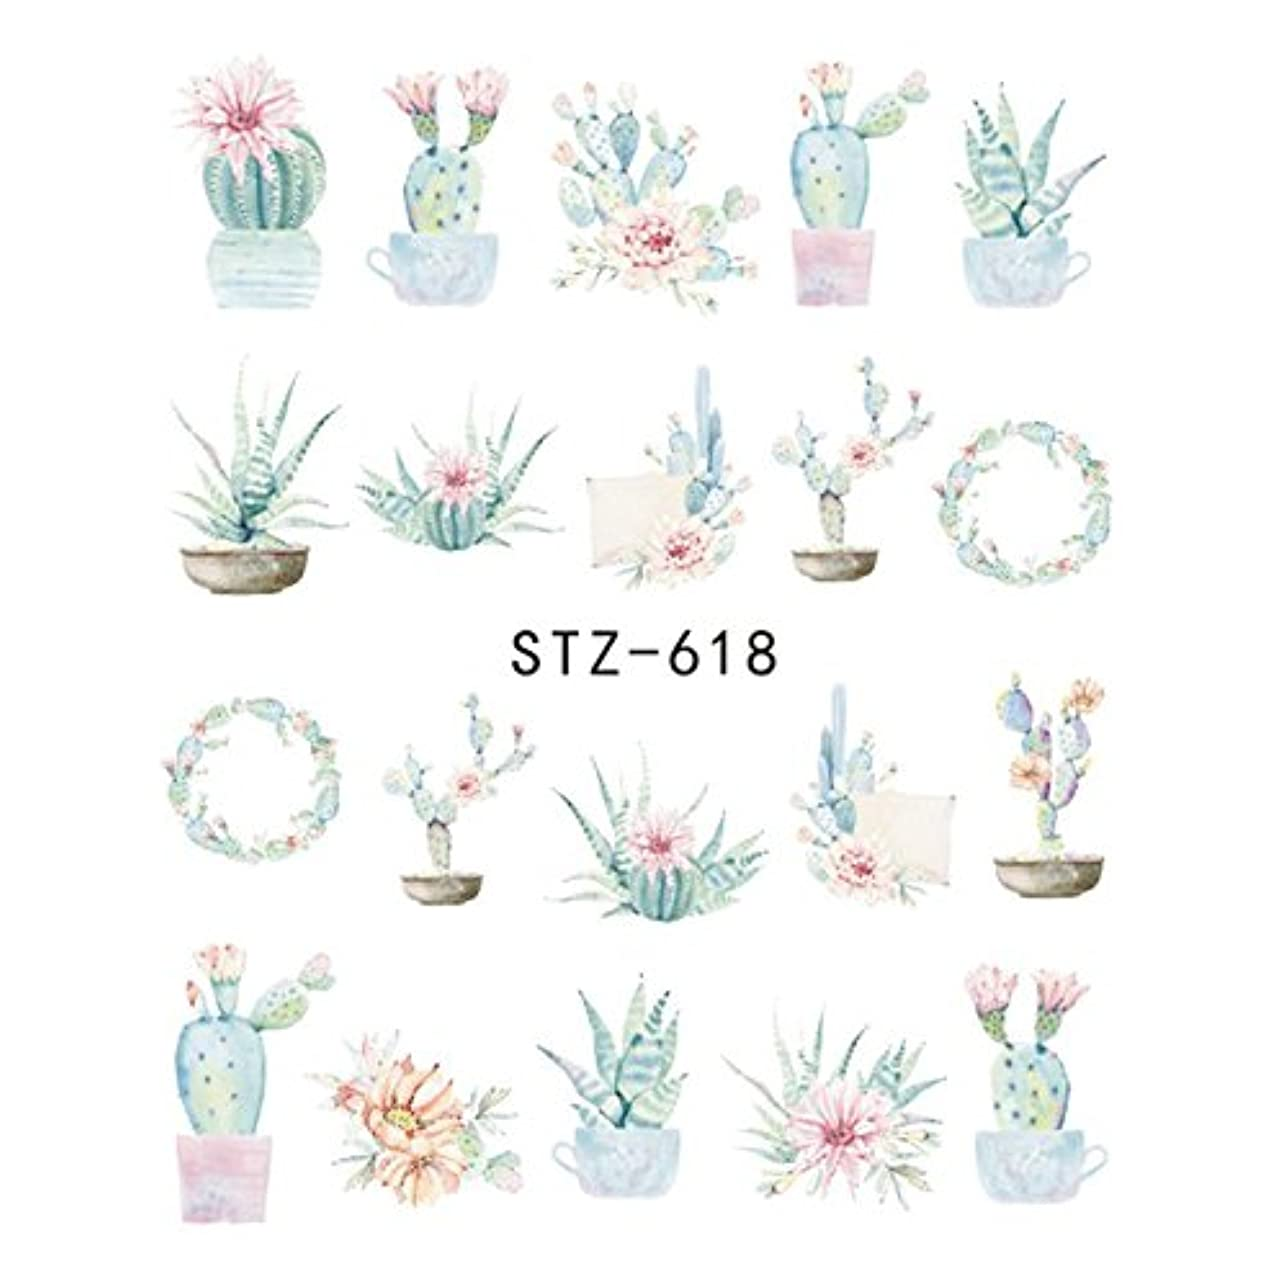 公知り合い縞模様のSUKTI&XIAO ネイルステッカー 1ピース水デカールネイルステッカー春の花透かしスライダーラップ用ネイルアート装飾マニキュア